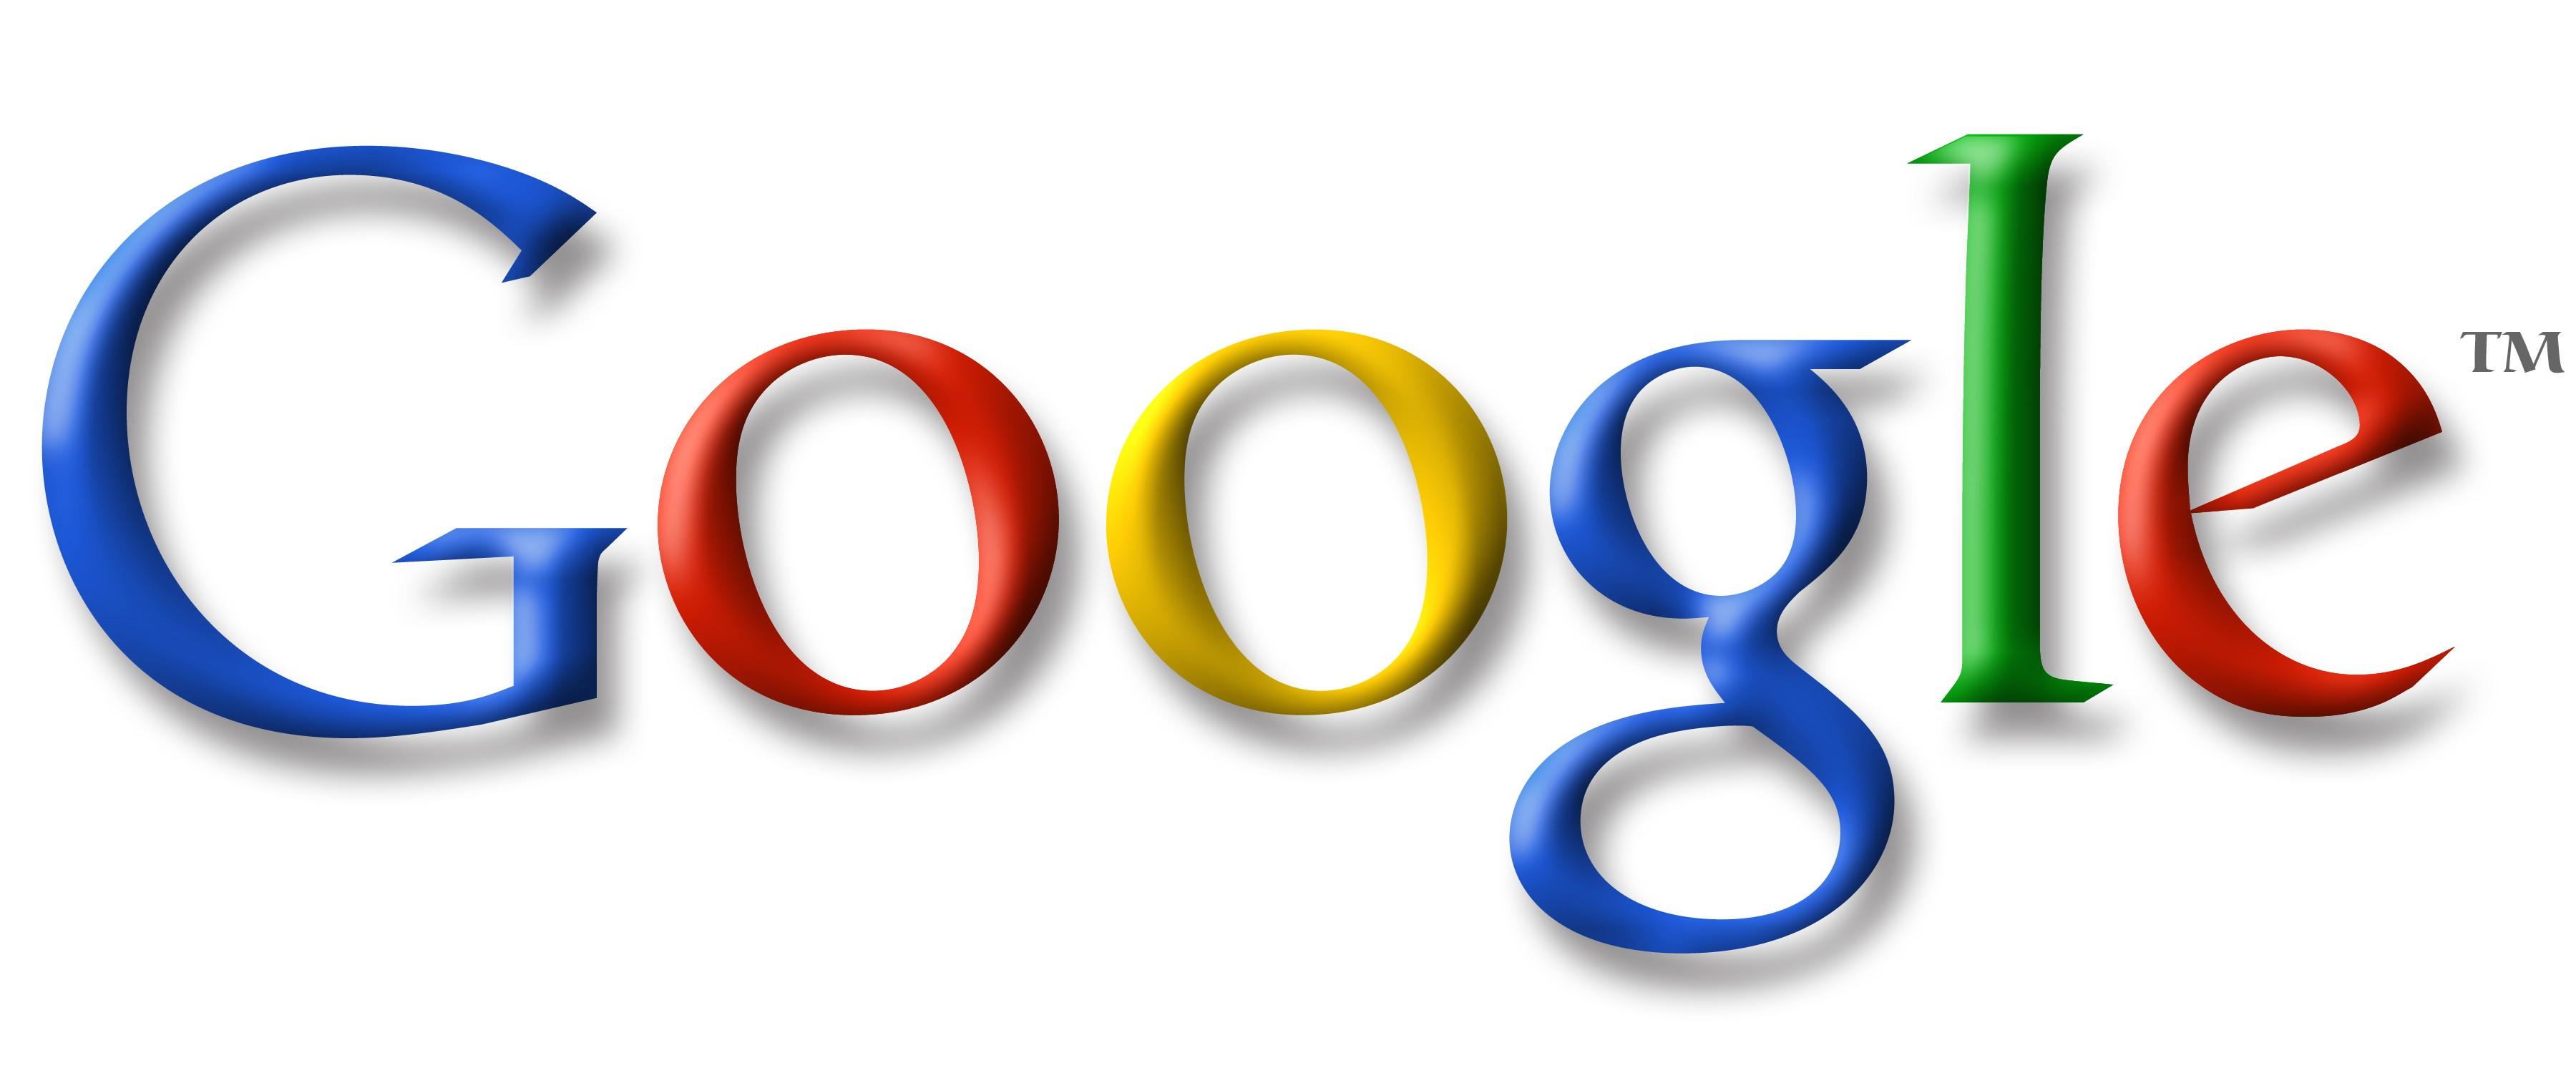 4 апреля — Международный День Интернета. Основные моменты его развития  — фото 3